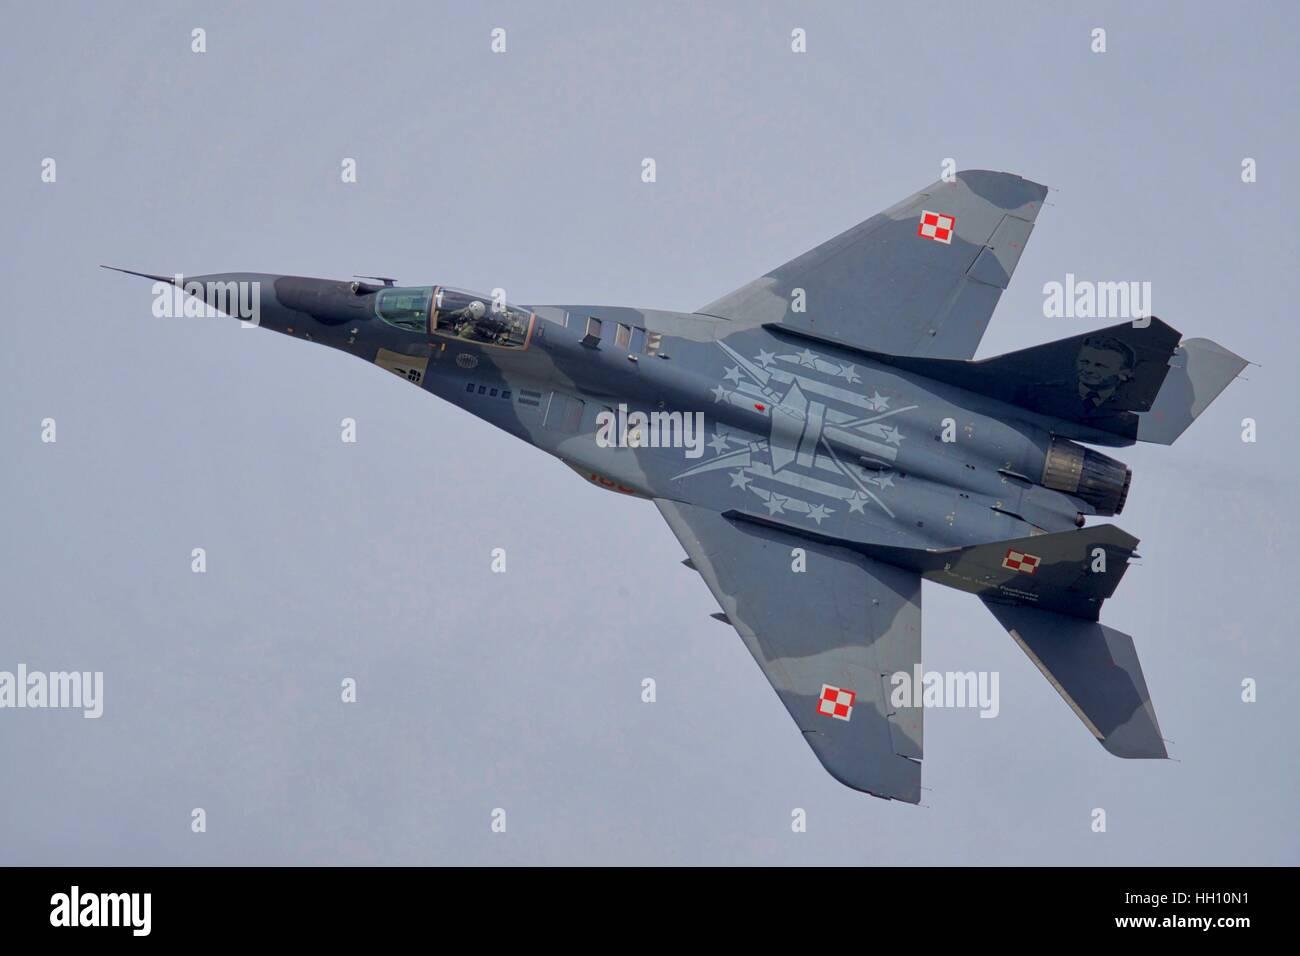 Polish Air Force MiG-29 at the Royal International Air Tattoo - Stock Image